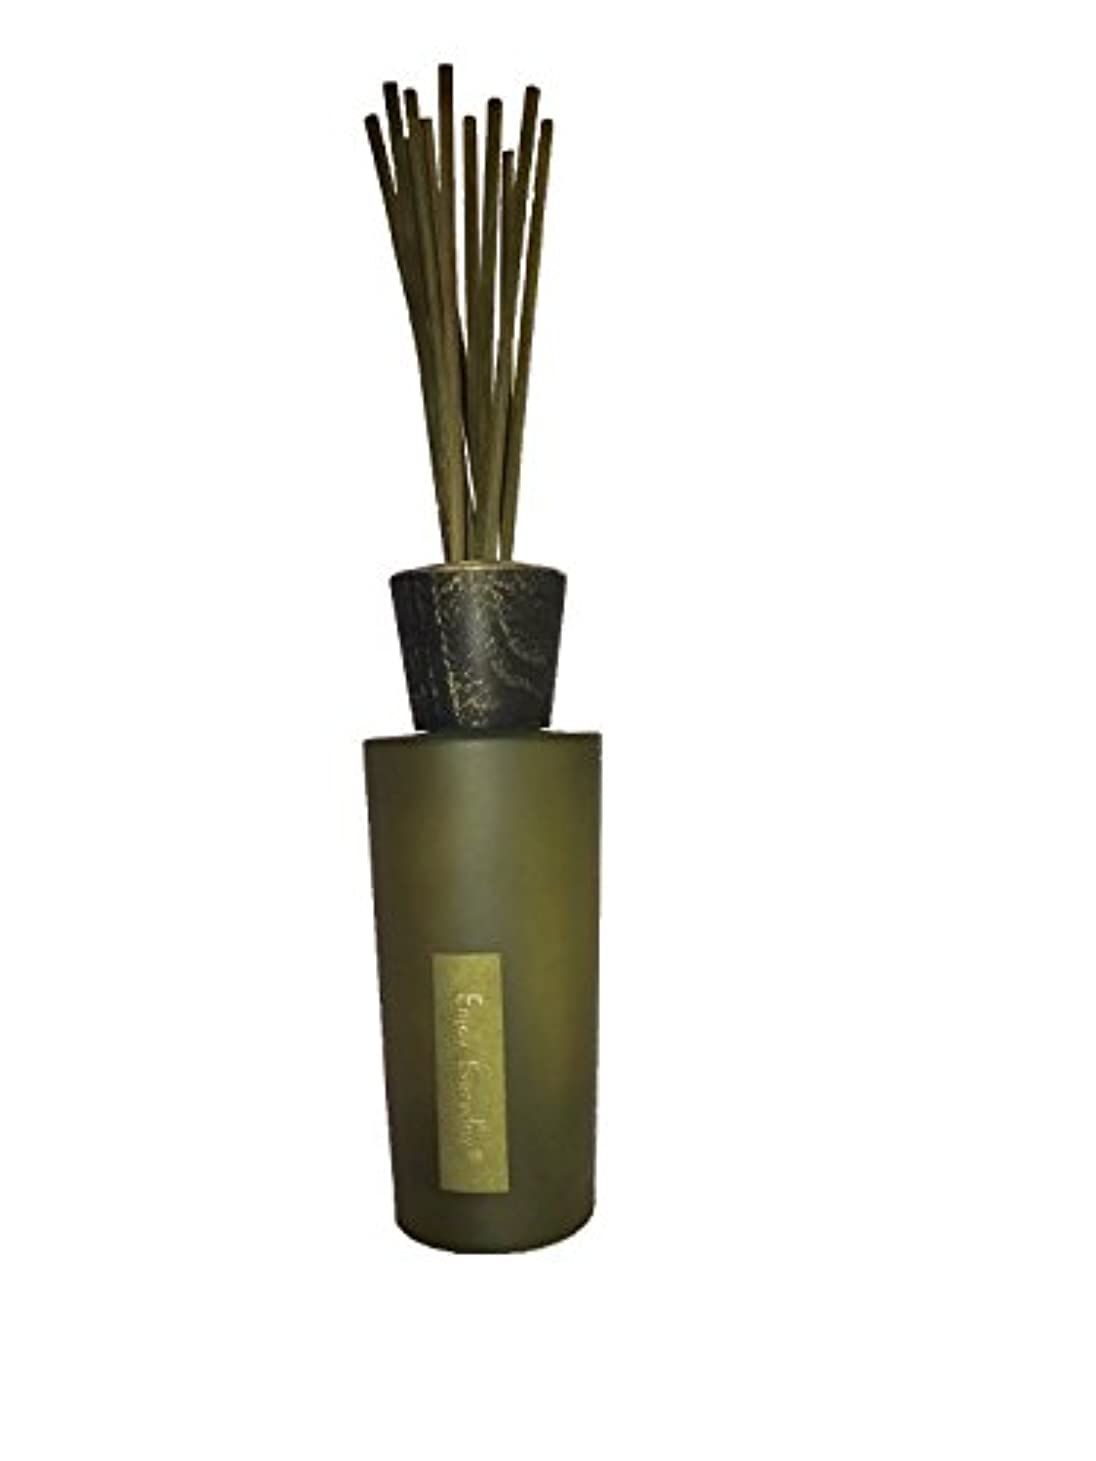 糸ツーリストサイレント40%OFF!【Branch of Aroma】100%天然アロマスティックディフューザー-9種の香り- (200ml) (ラグジュアリーRose)